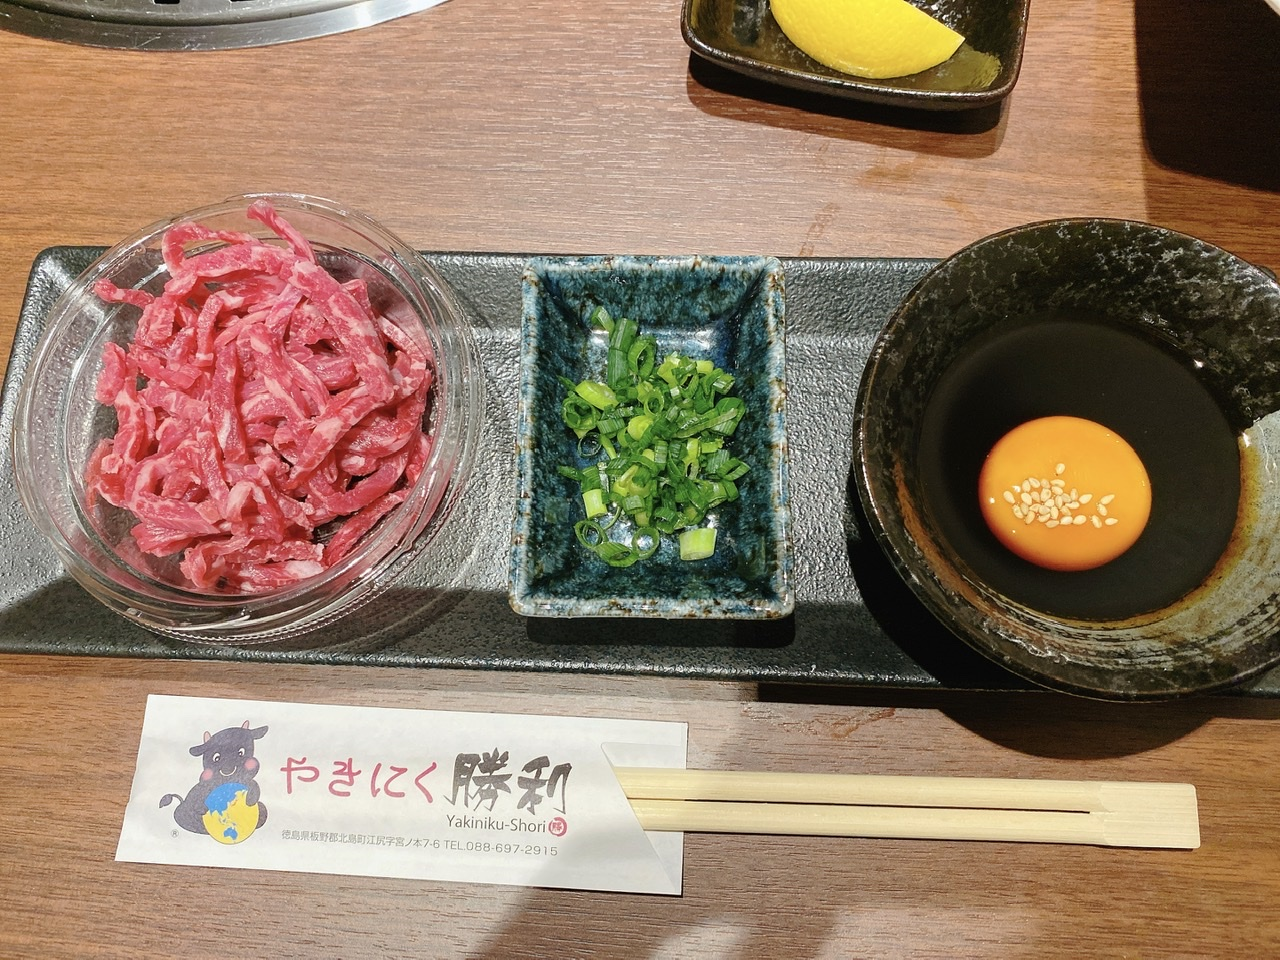 【徳島グルメ】地球儀の上に立つ黒牛が目印!とにかく美味しい焼肉を食べるならココ♡_2